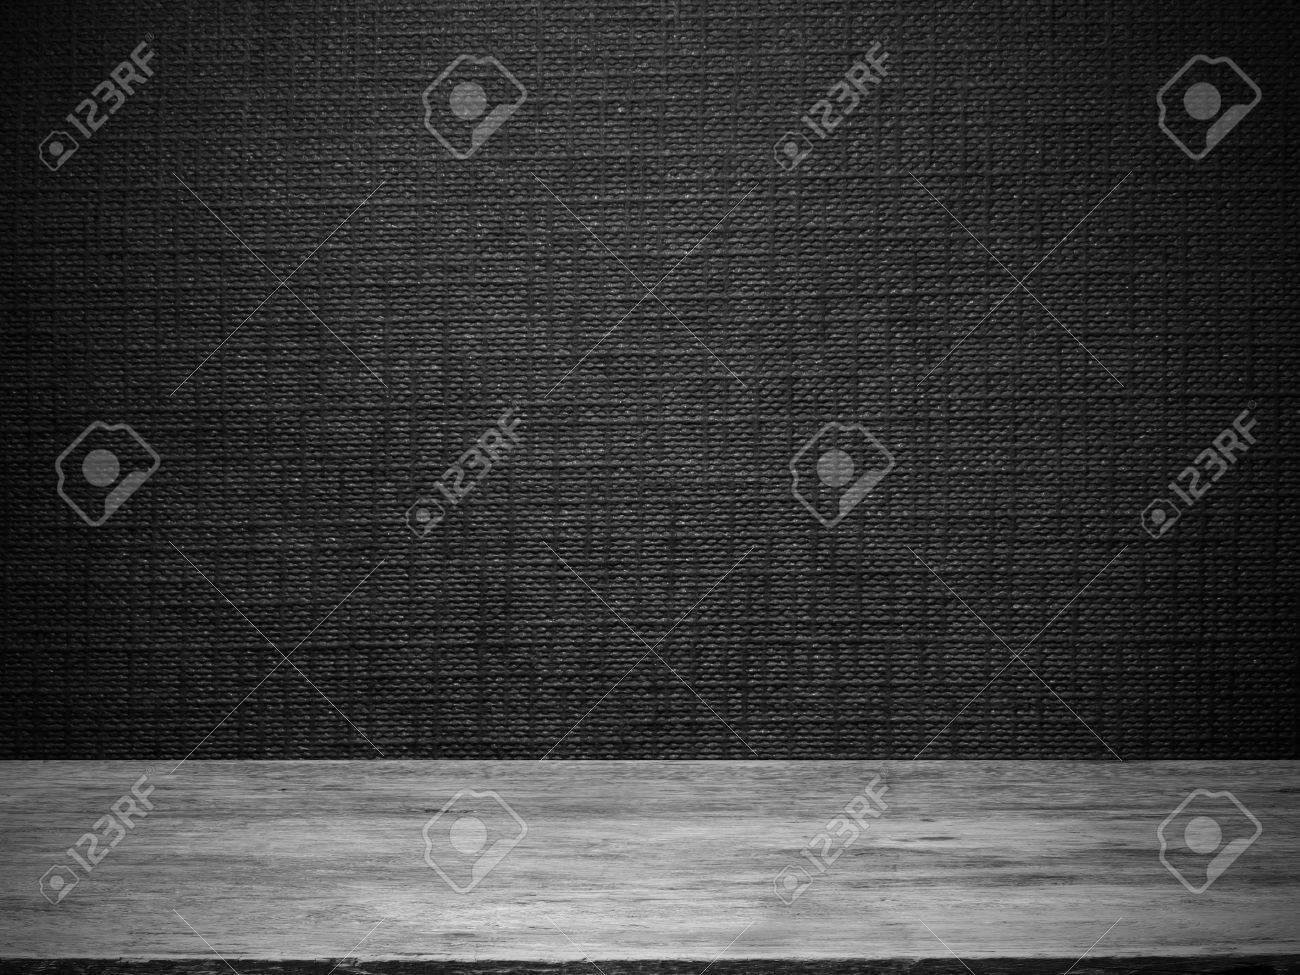 Behang Met Patroon : Houten vloer en zwart behang met lijn reliëf patroon voor de